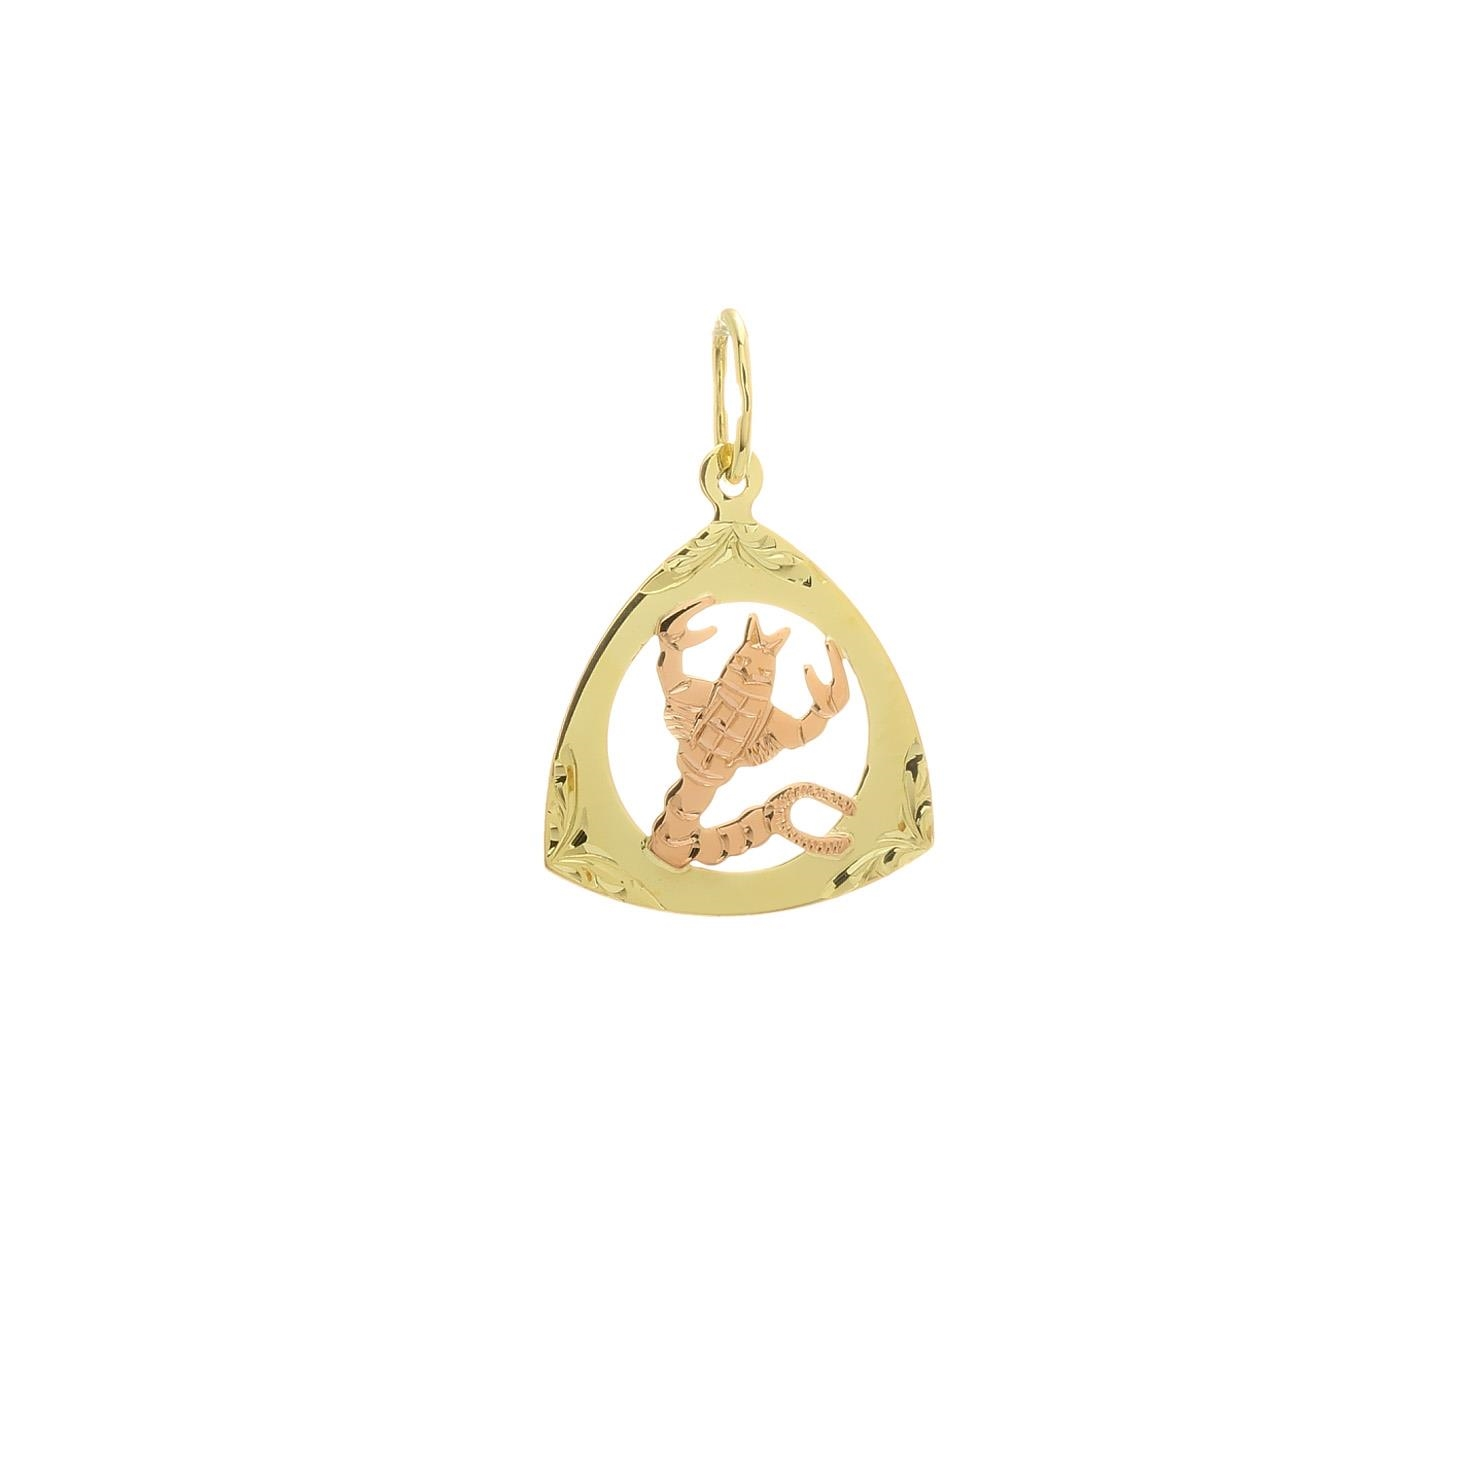 Prívesok znamenie škorpión z kombinovaného zlata 2VK00256